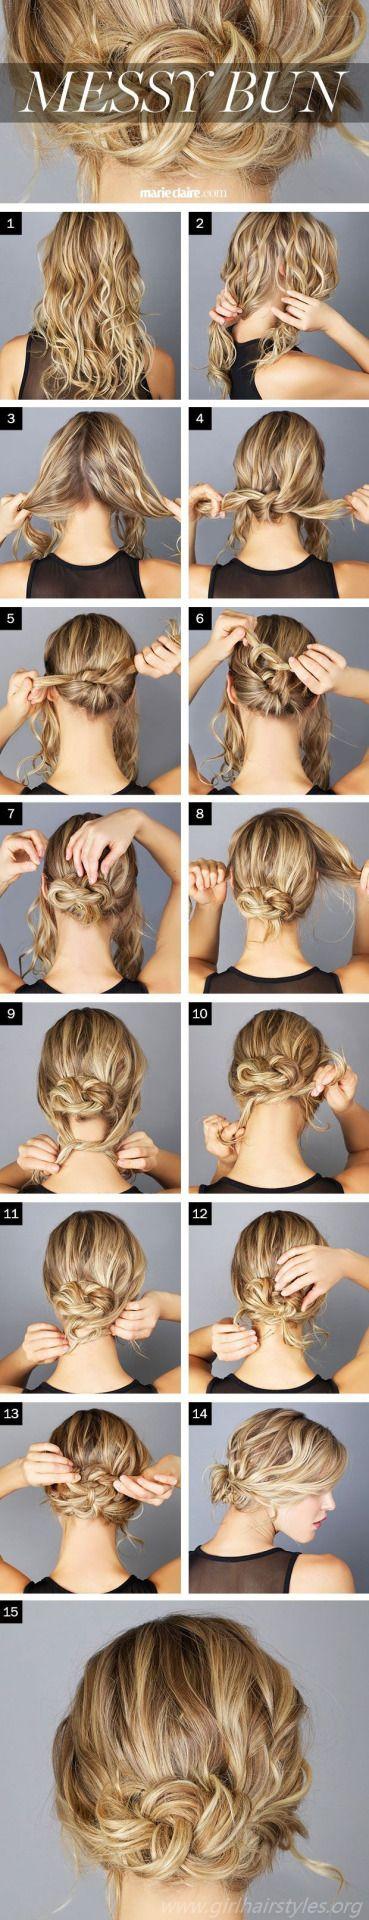 Best Hair Tutorials -Step By Step Tutorials